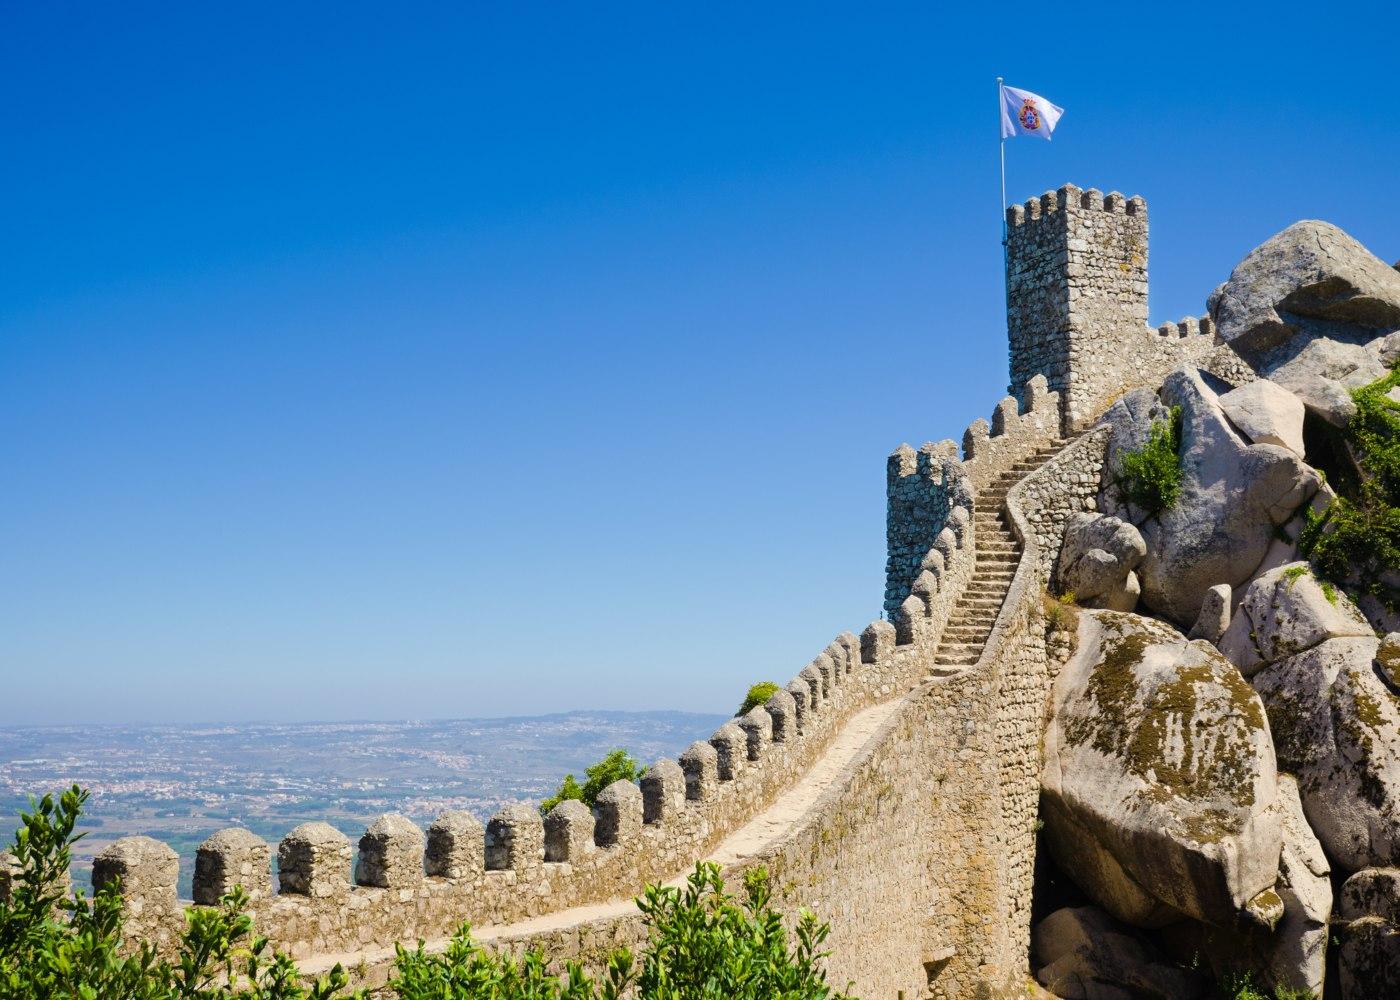 Castelos de Portugal em Sintra